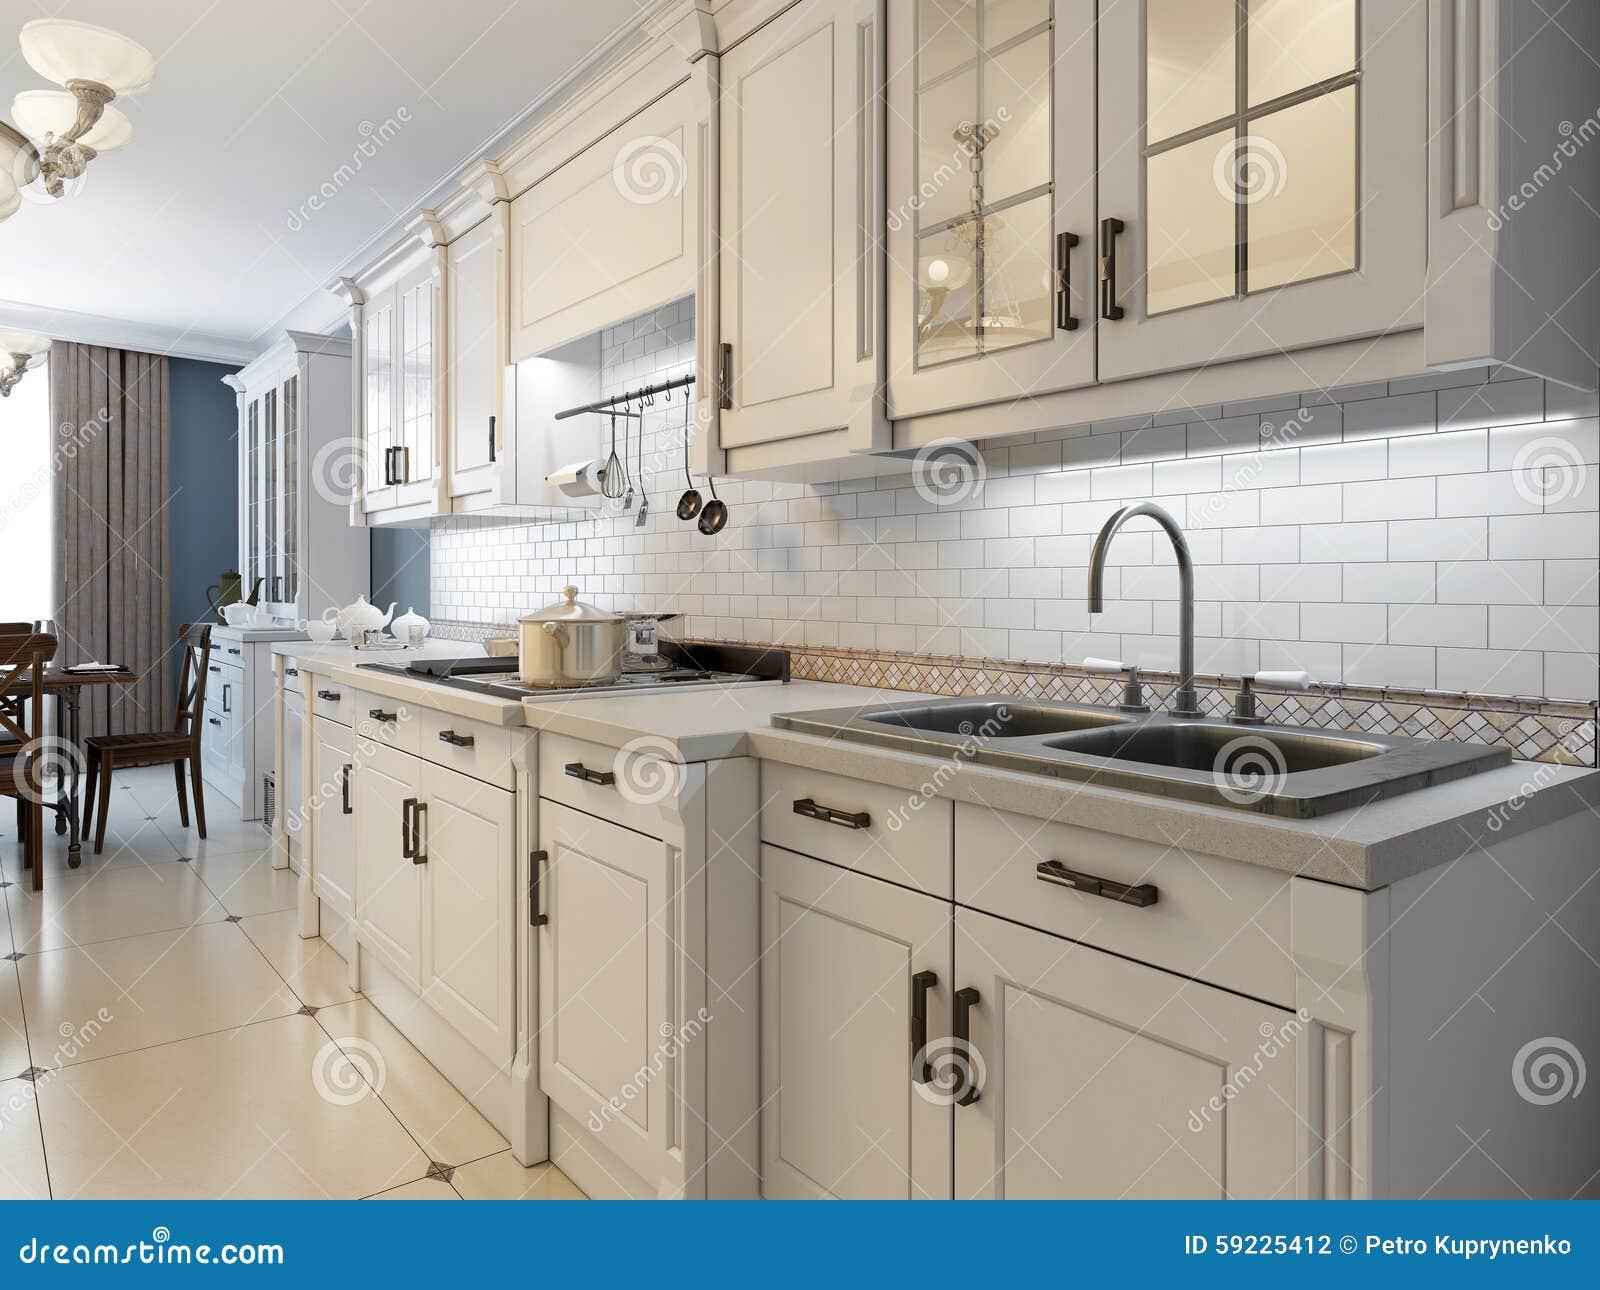 Download Muebles Blancos En Cocina Mediterránea Stock de ilustración - Ilustración de muebles, horno: 59225412